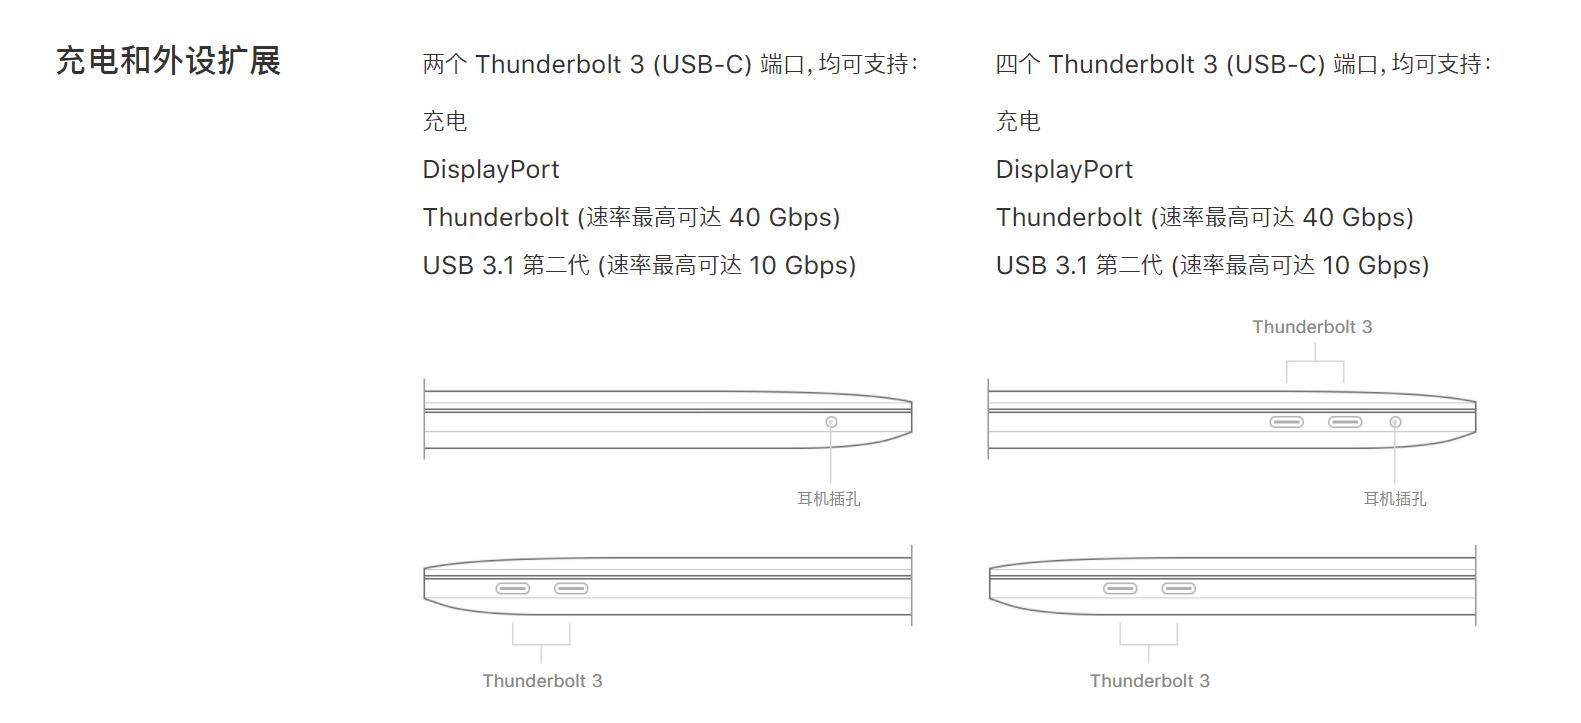 苹果官网对 MacBook Pro 2017 接口的描绘